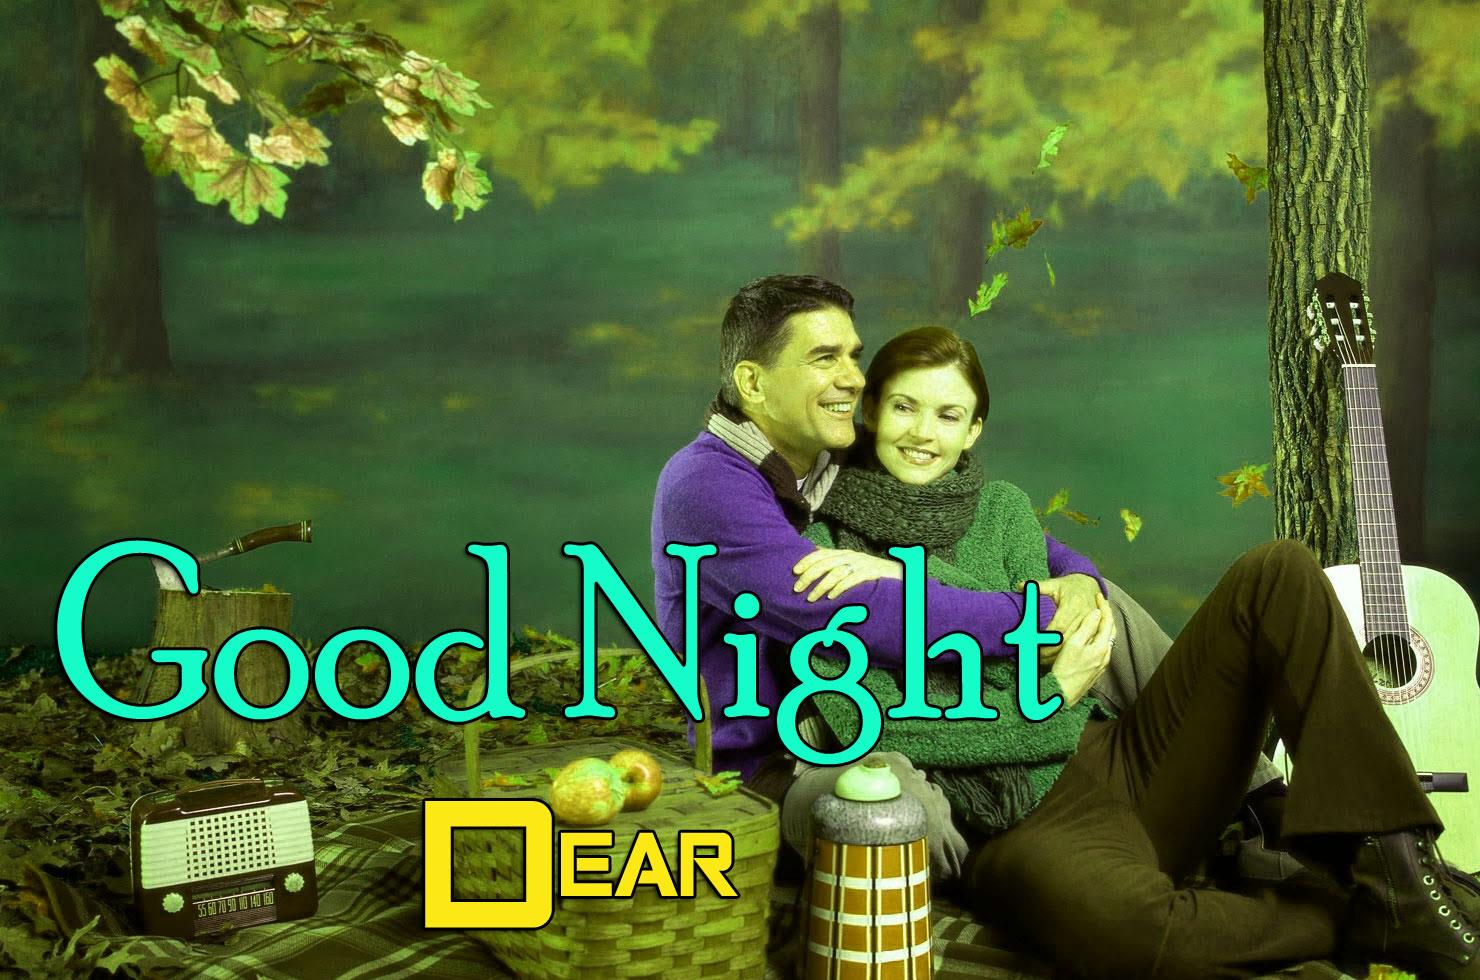 Girlfriend Good Night Wishes Photo for Whatsapp